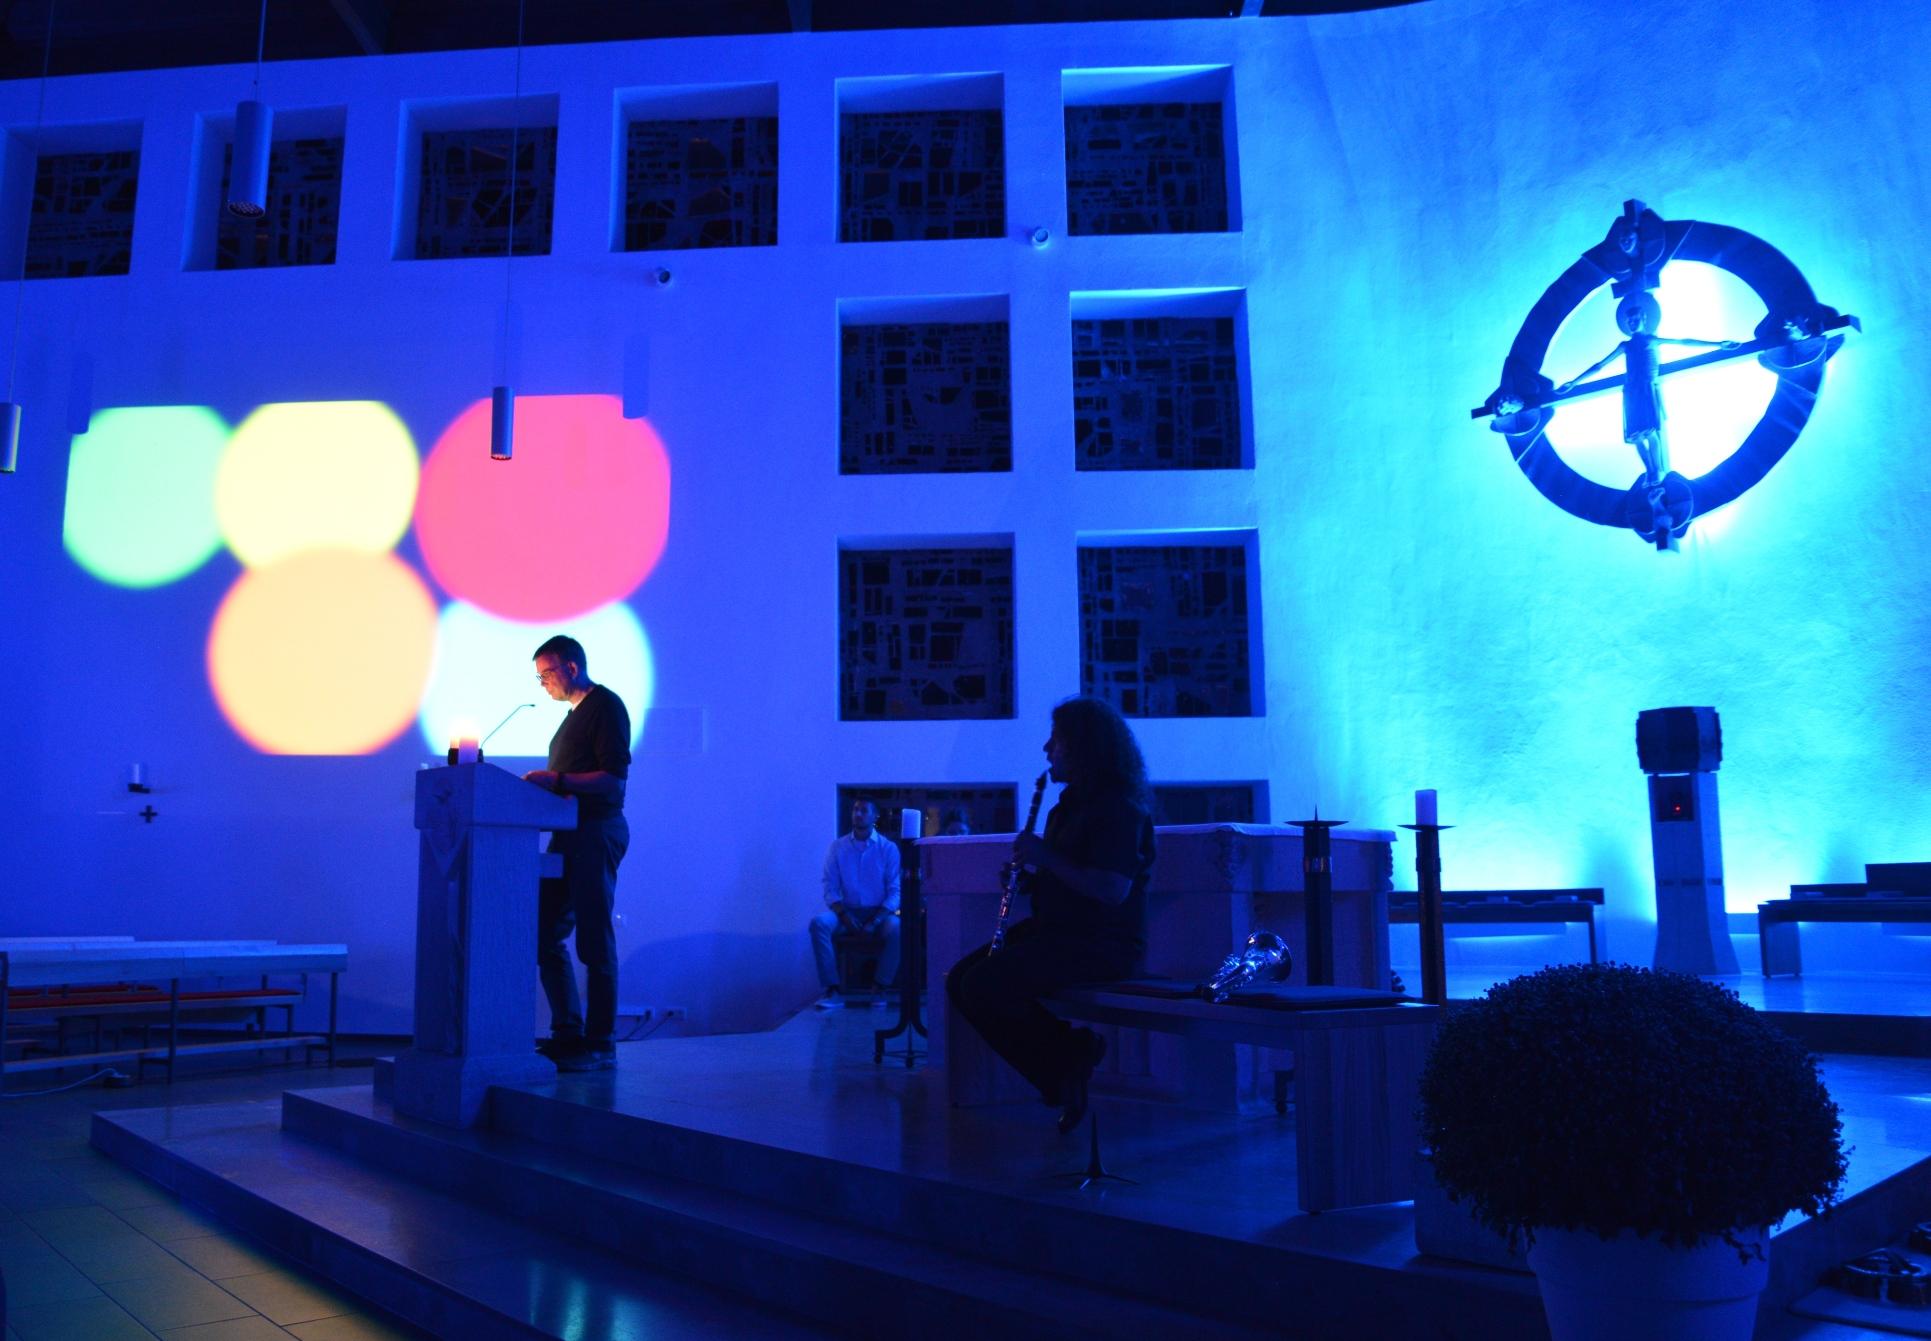 Warten auf das blaue Wunder: Die katholische Kirche St. Birgid in Bierstadt ist im Rausch der Farben. Zu jedem Programmpunkt wird der Kirchenraum in einer anderen Farbe ausgeleuchtet. Mystisch sieht es aus.Fotos: Andrea Wagenknecht